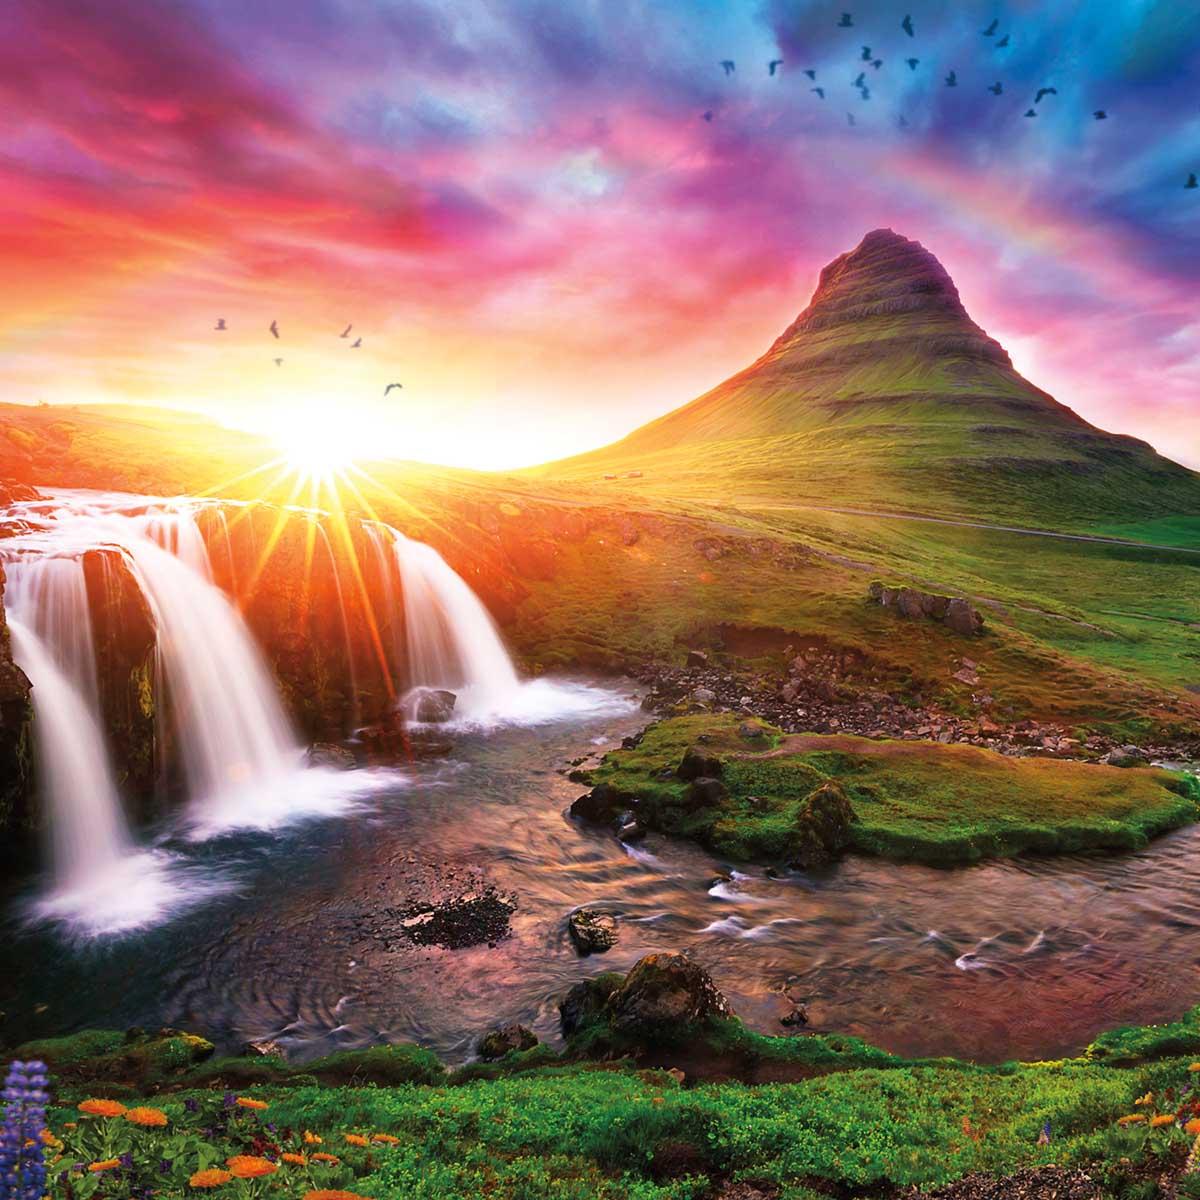 Iceland Sunset Mountains Jigsaw Puzzle